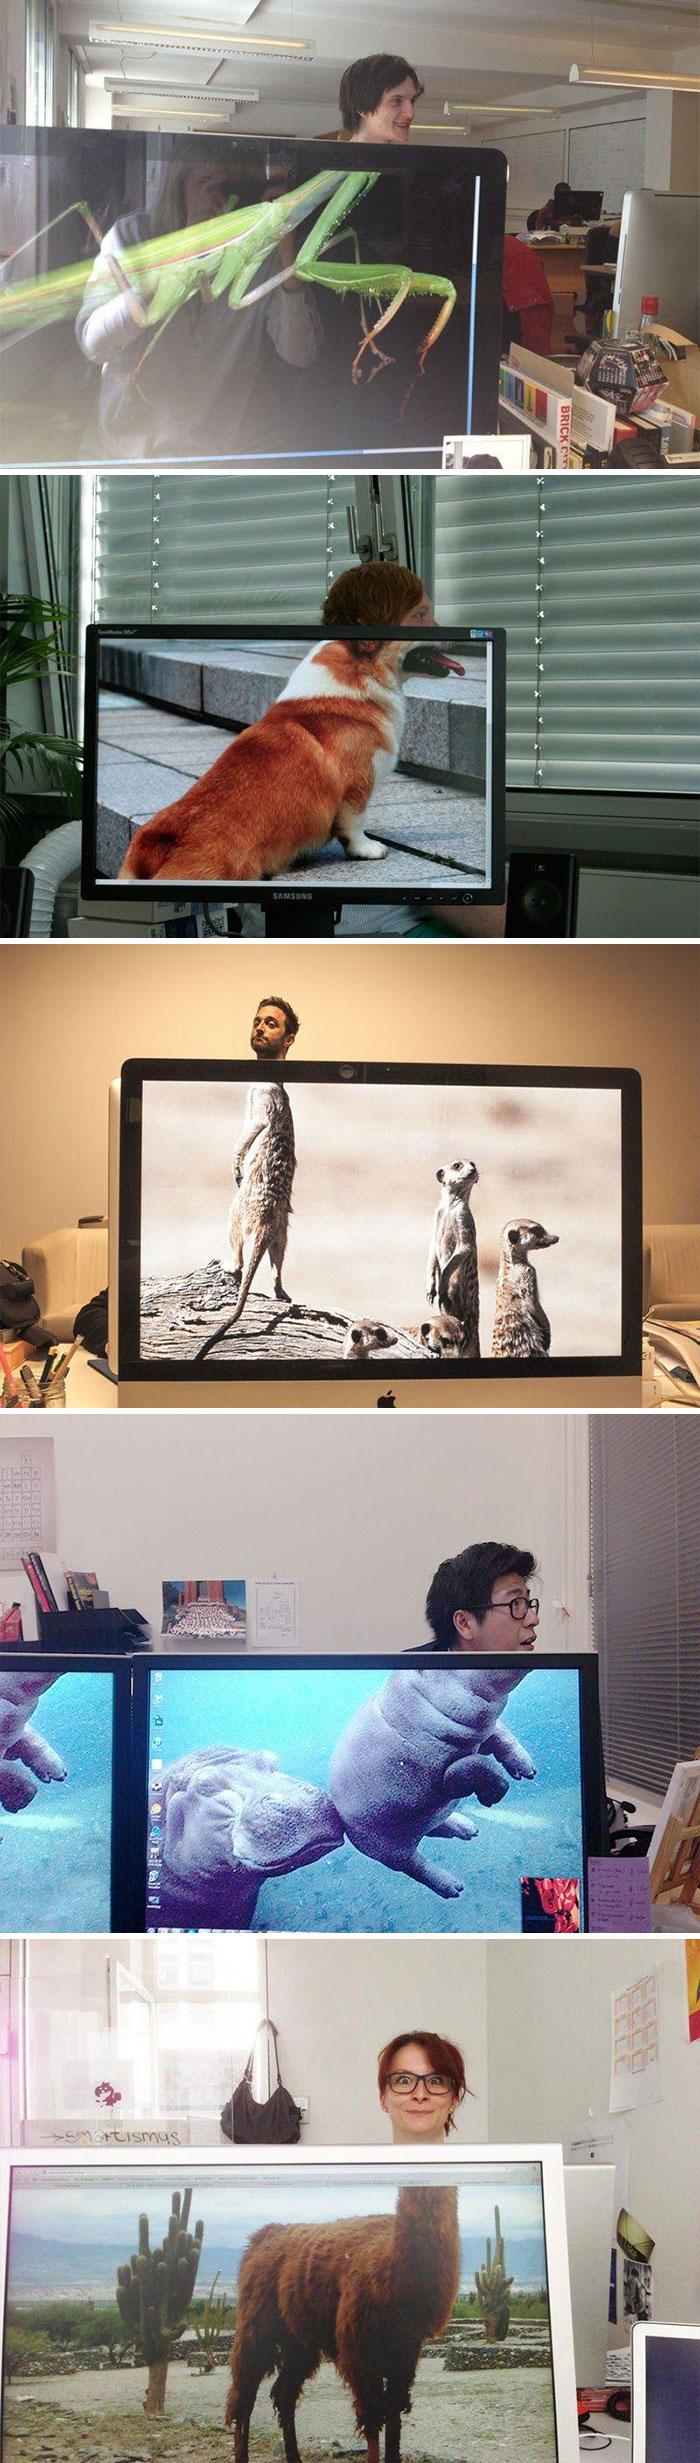 20 fonds d'écran brillants et hilarants qui vont te faire y regarder à deux fois